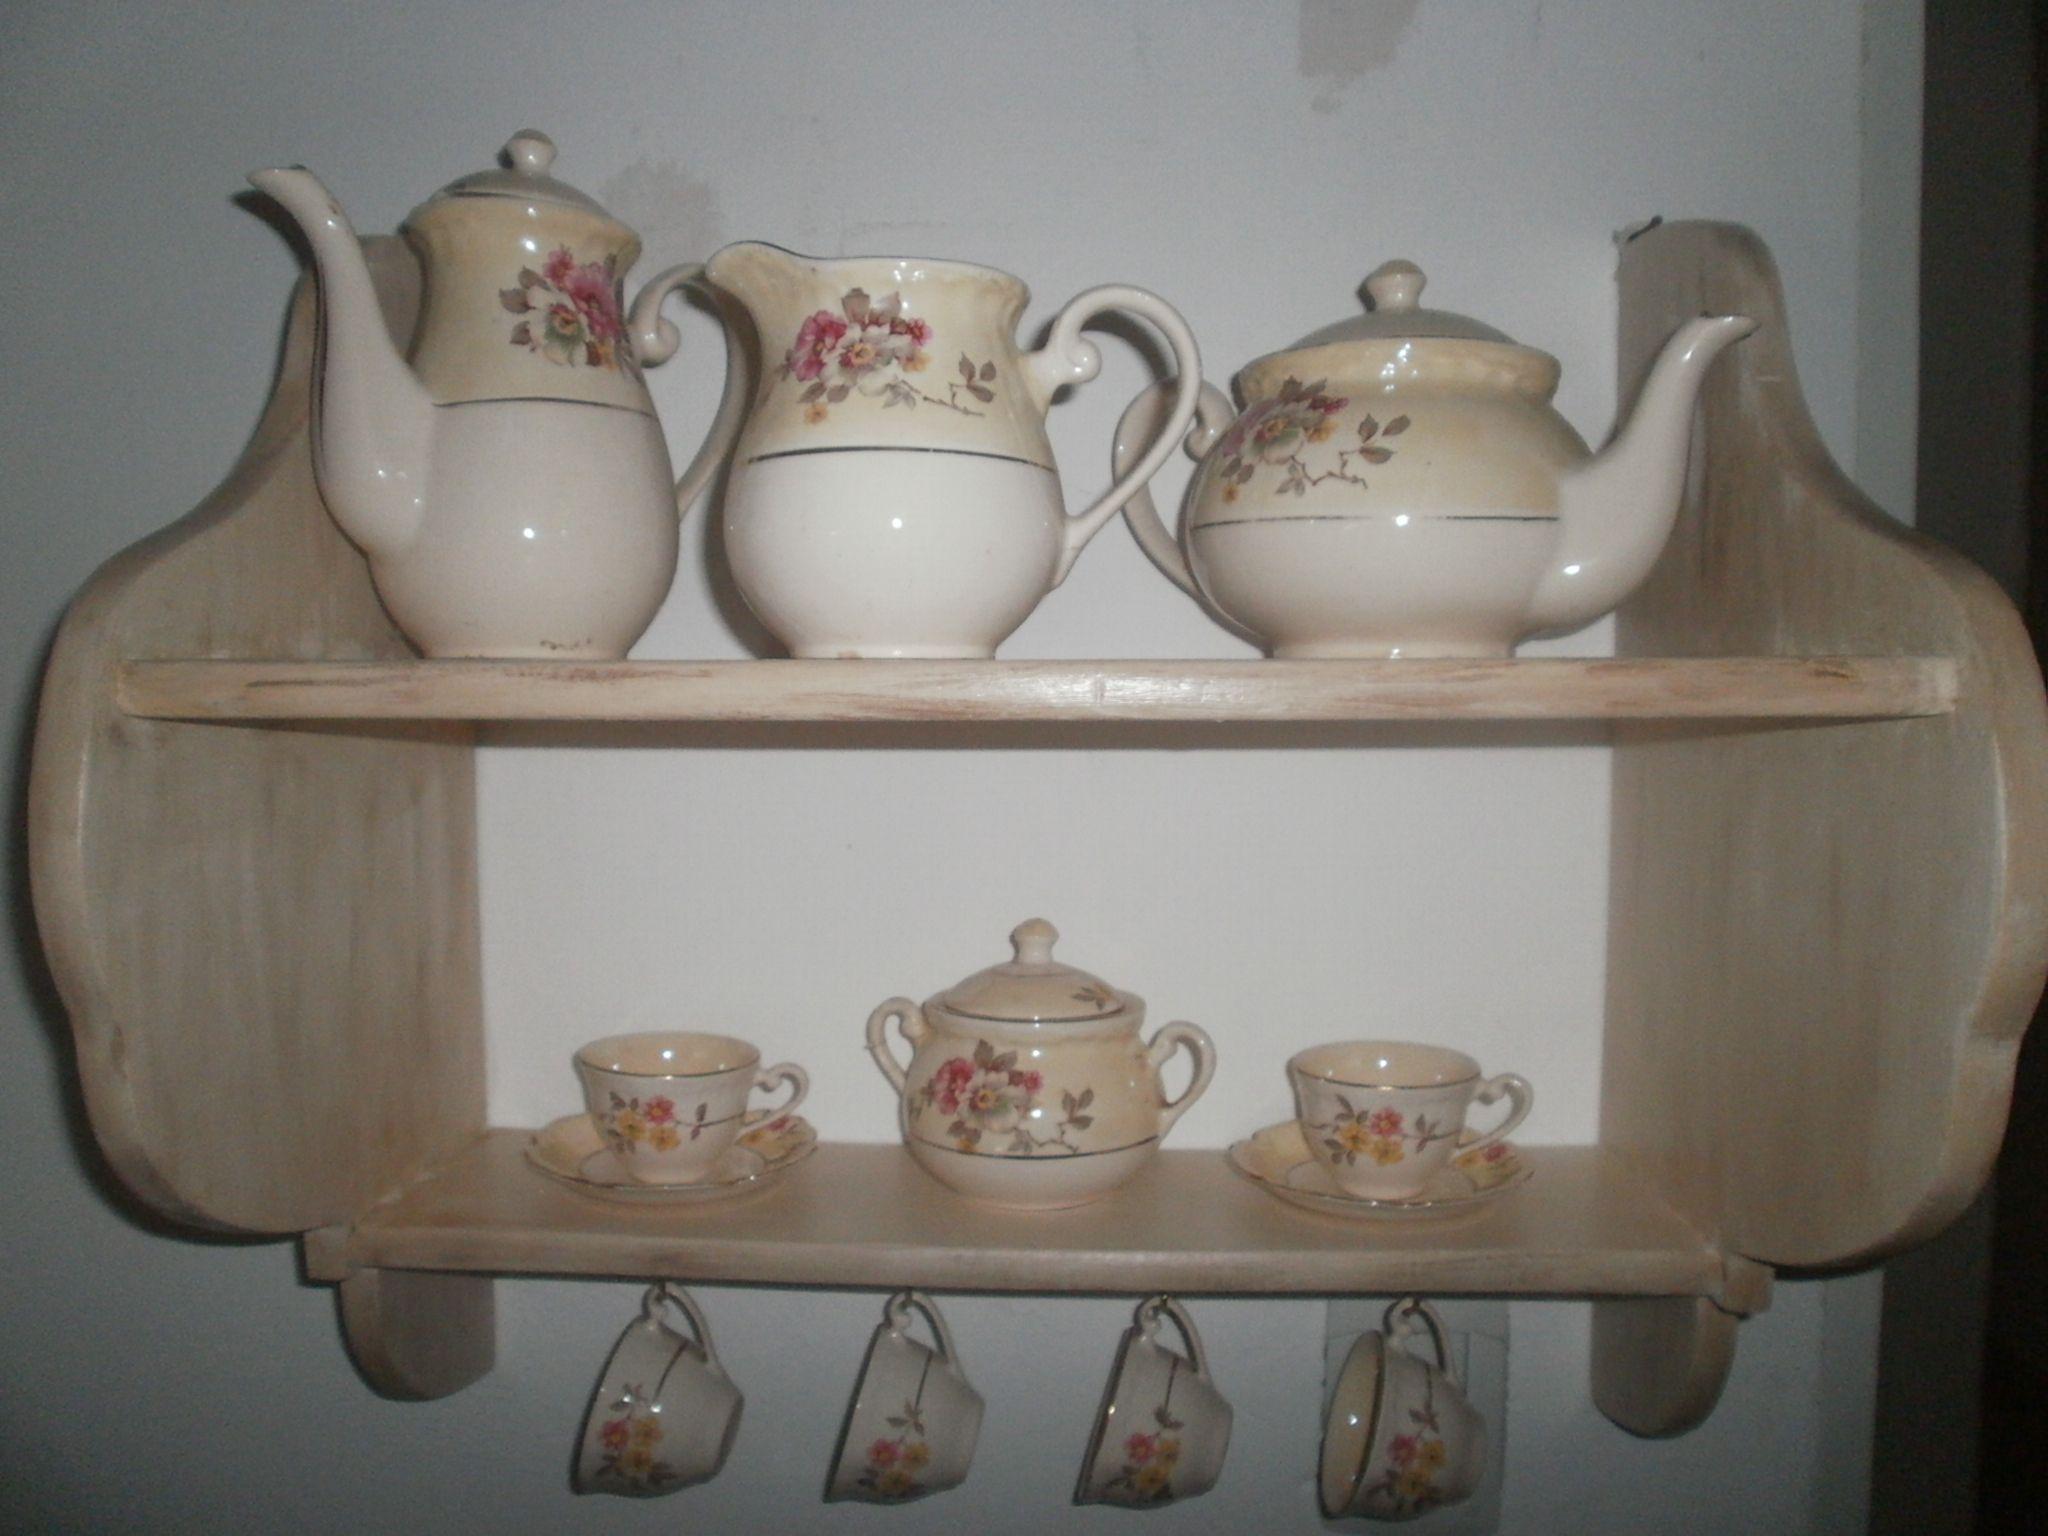 Repisa con vajilla antigua muebles antiguos pinterest for Cocina con muebles antiguos